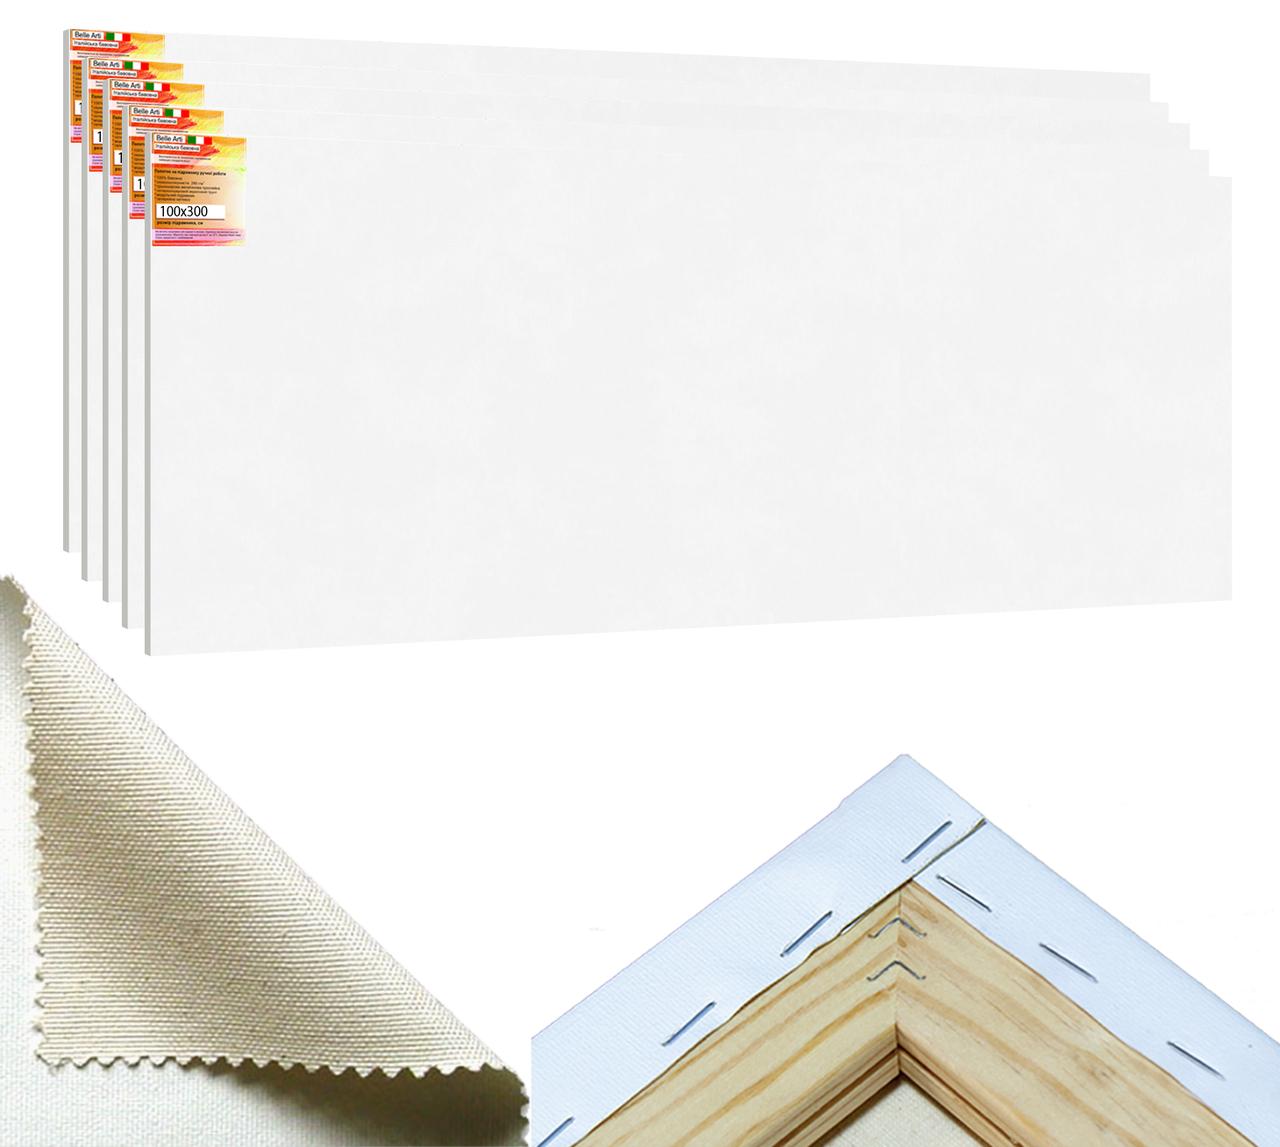 Набор холстов на подрамнике Factura BelleArti 100х300см 5шт. Итальянский хлопок 285 грамм кв.м. белый